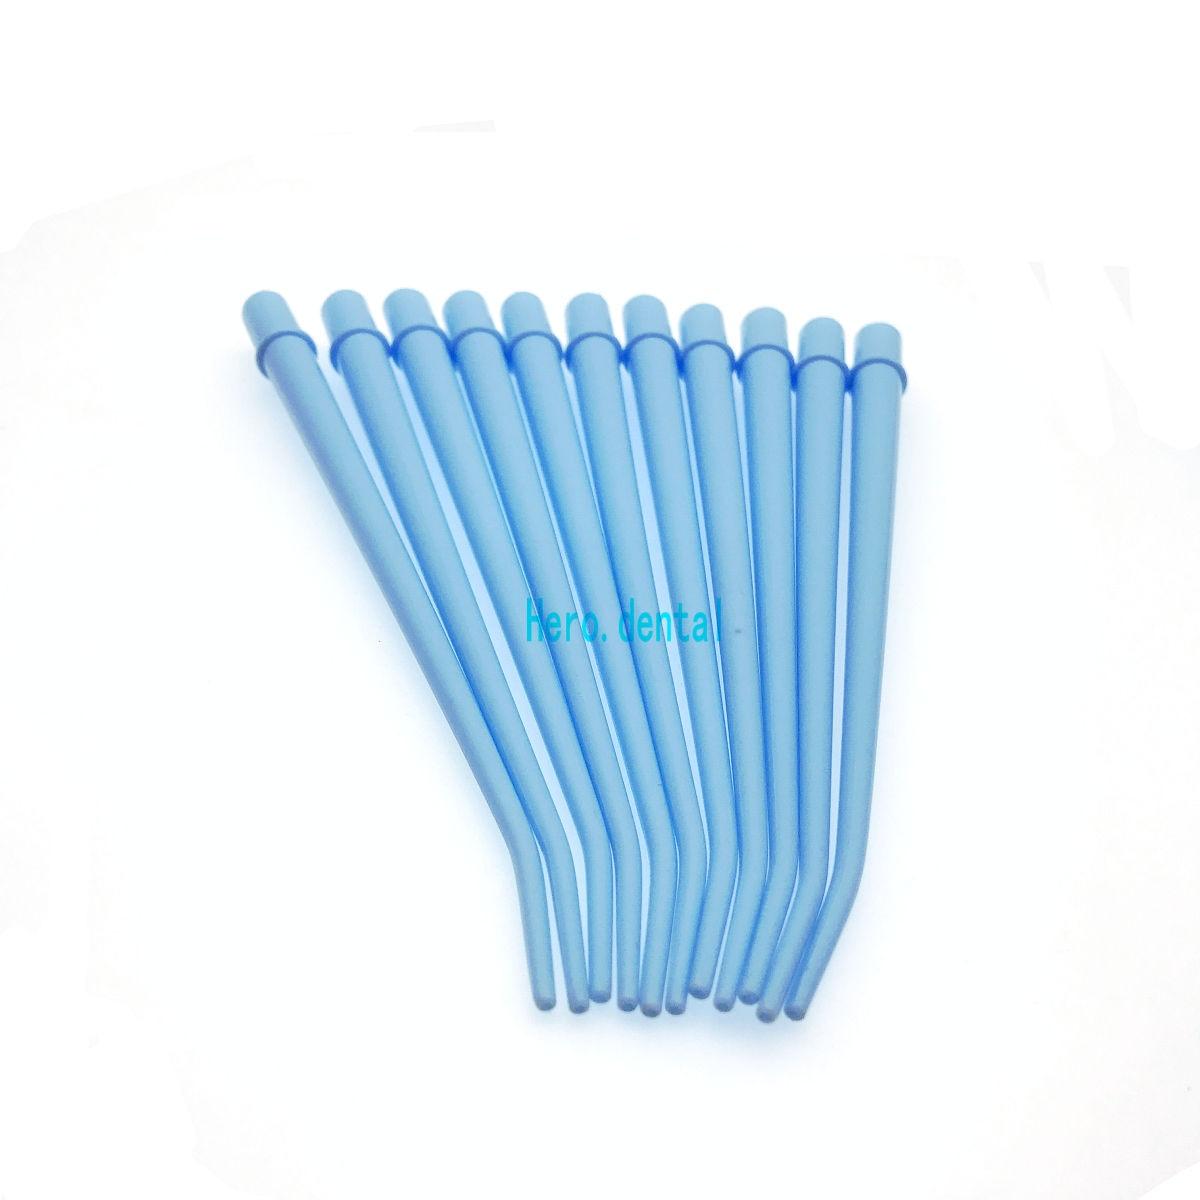 25Pcs Dental Curved Tips Sterilized Surgical Aspirator Dental Saliva Ejector